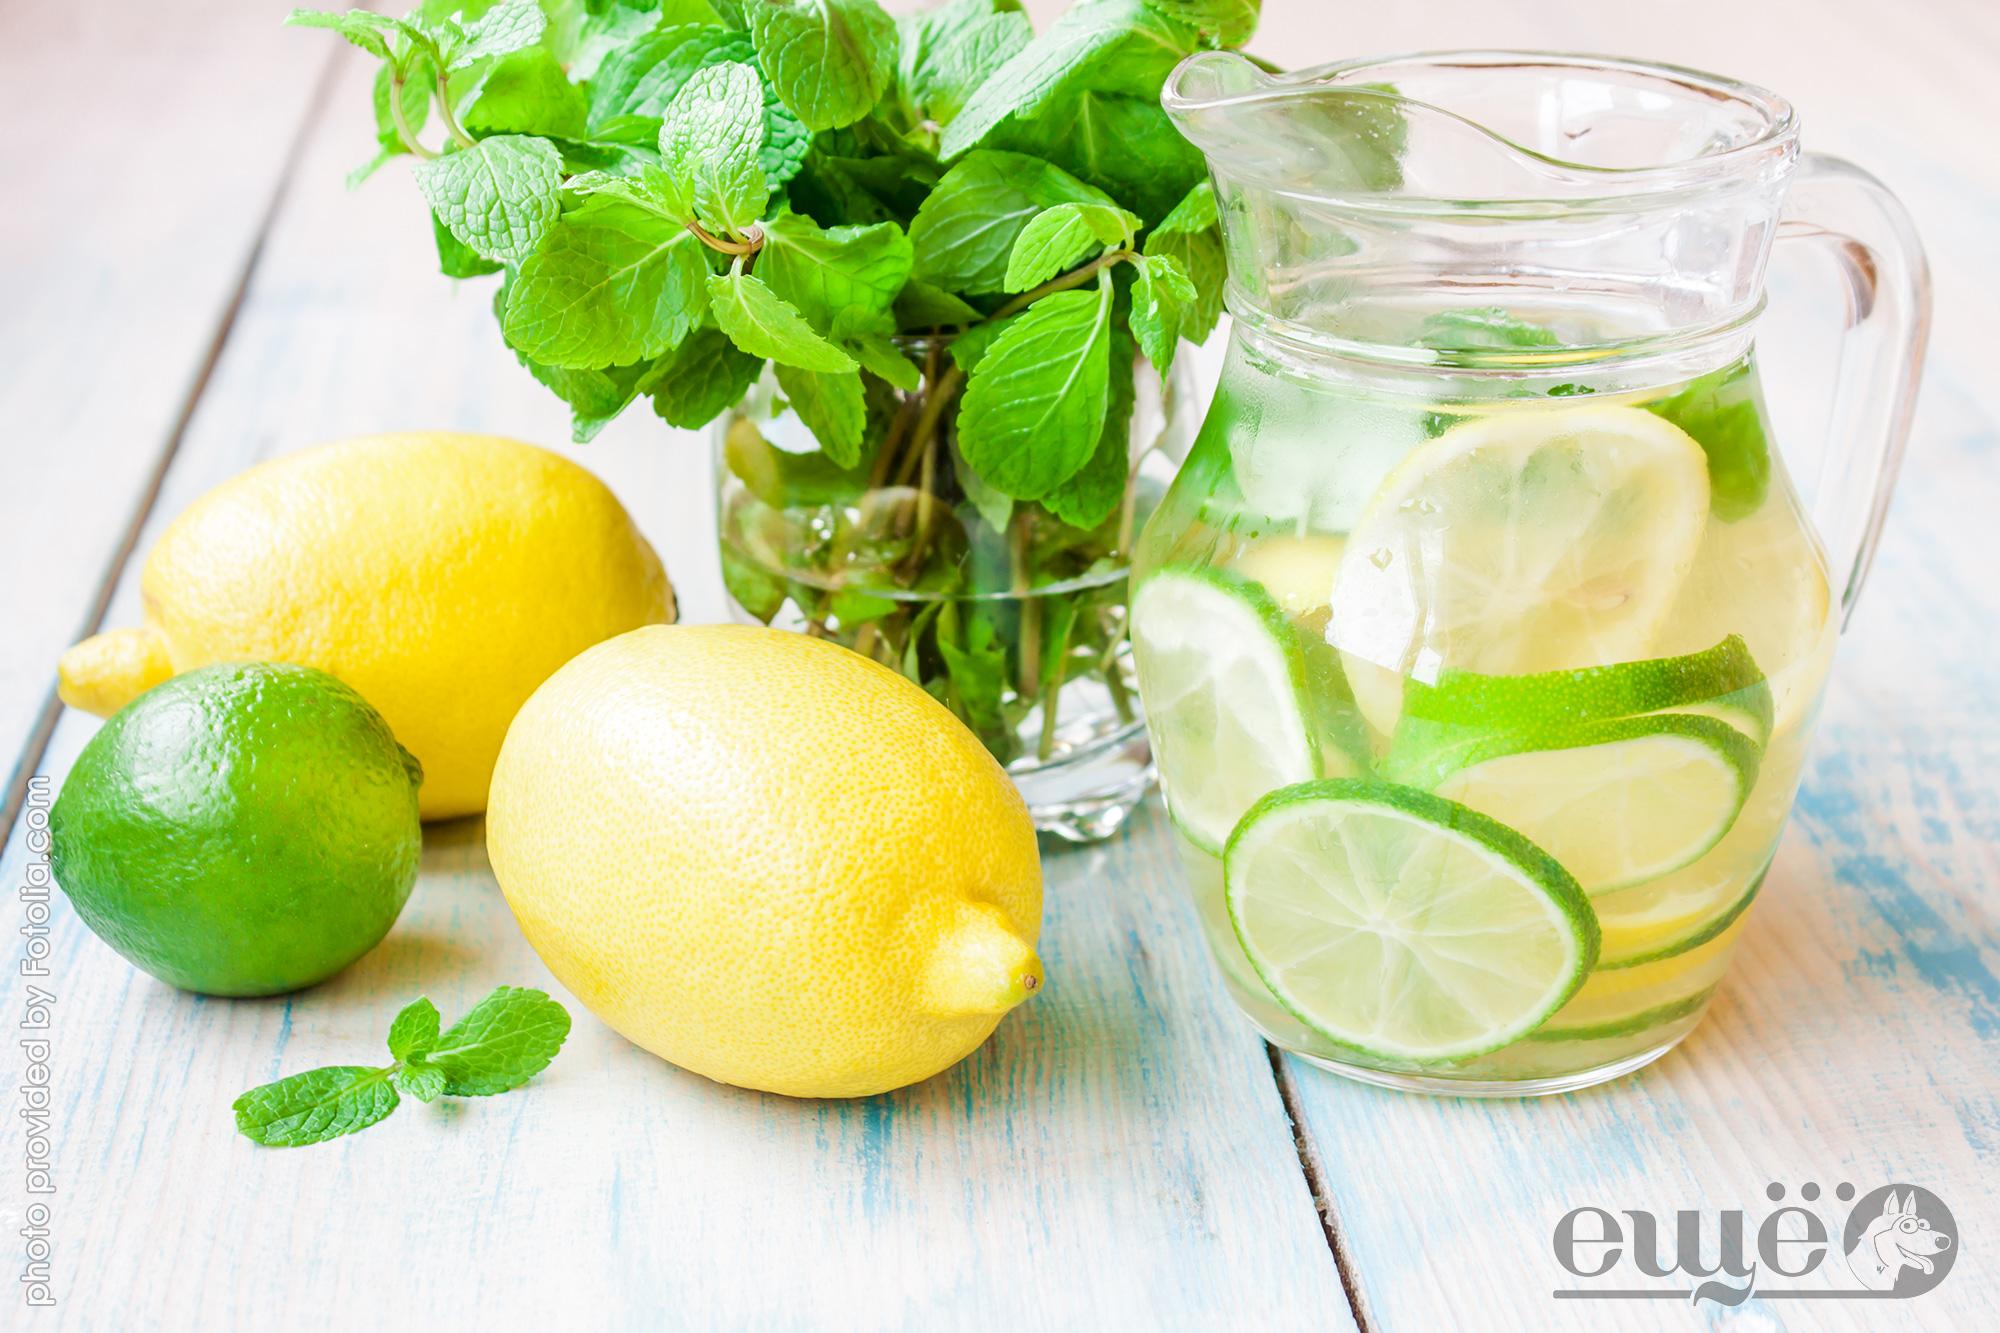 Вода с лимоном с утра натощак: польза и вред, как правильно употреблять